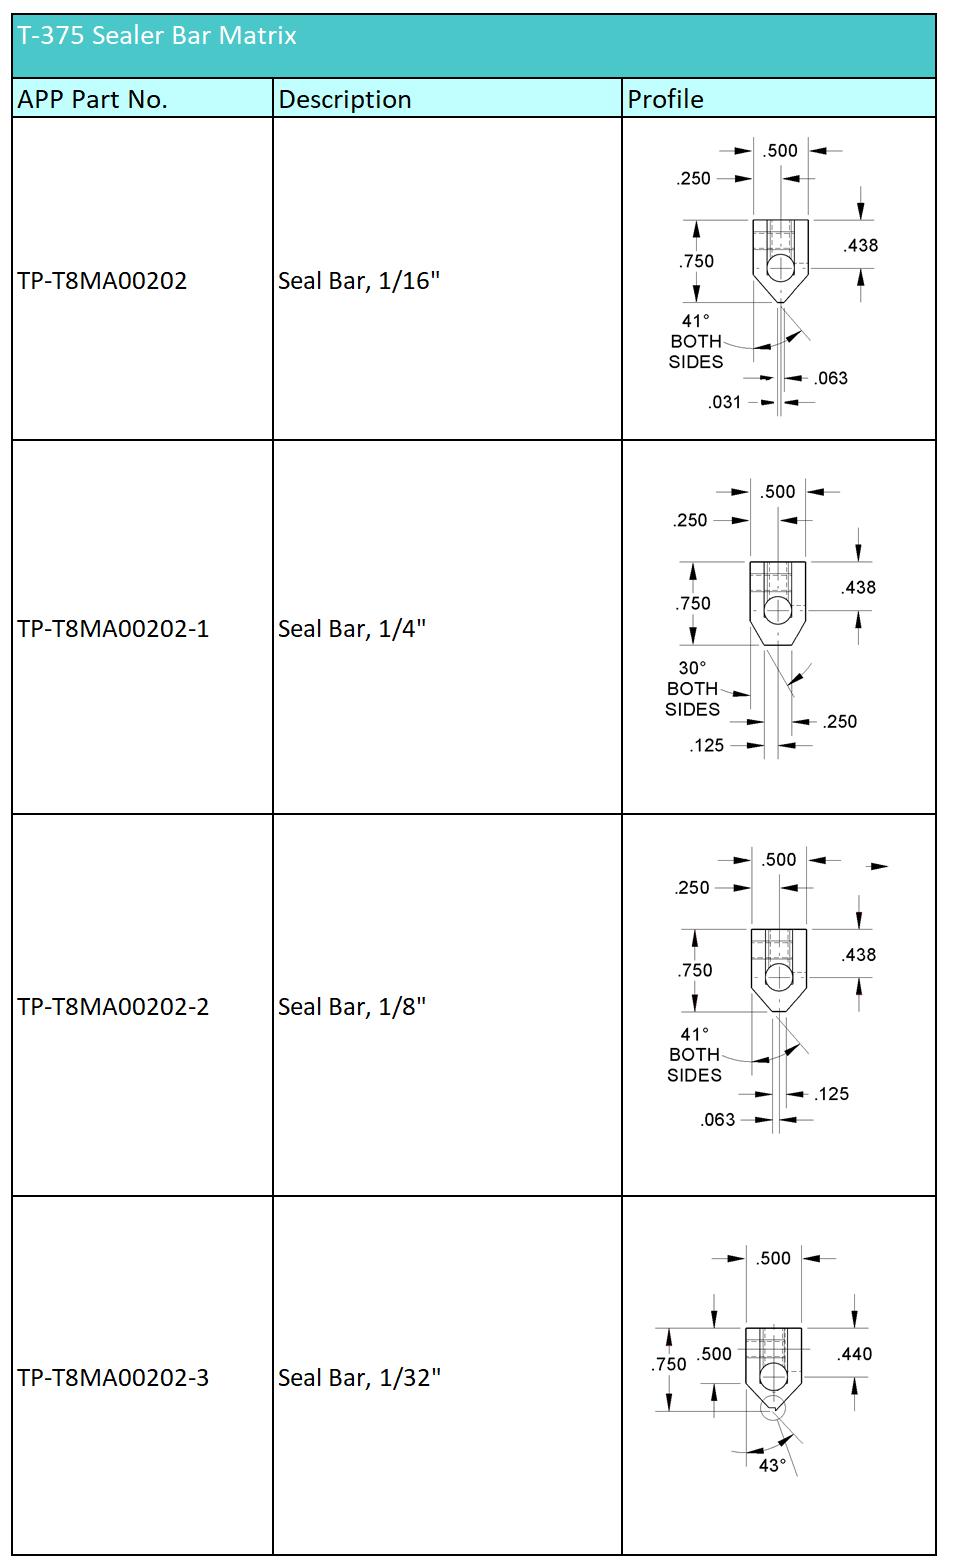 Tabletop Sealer Bar Matrix